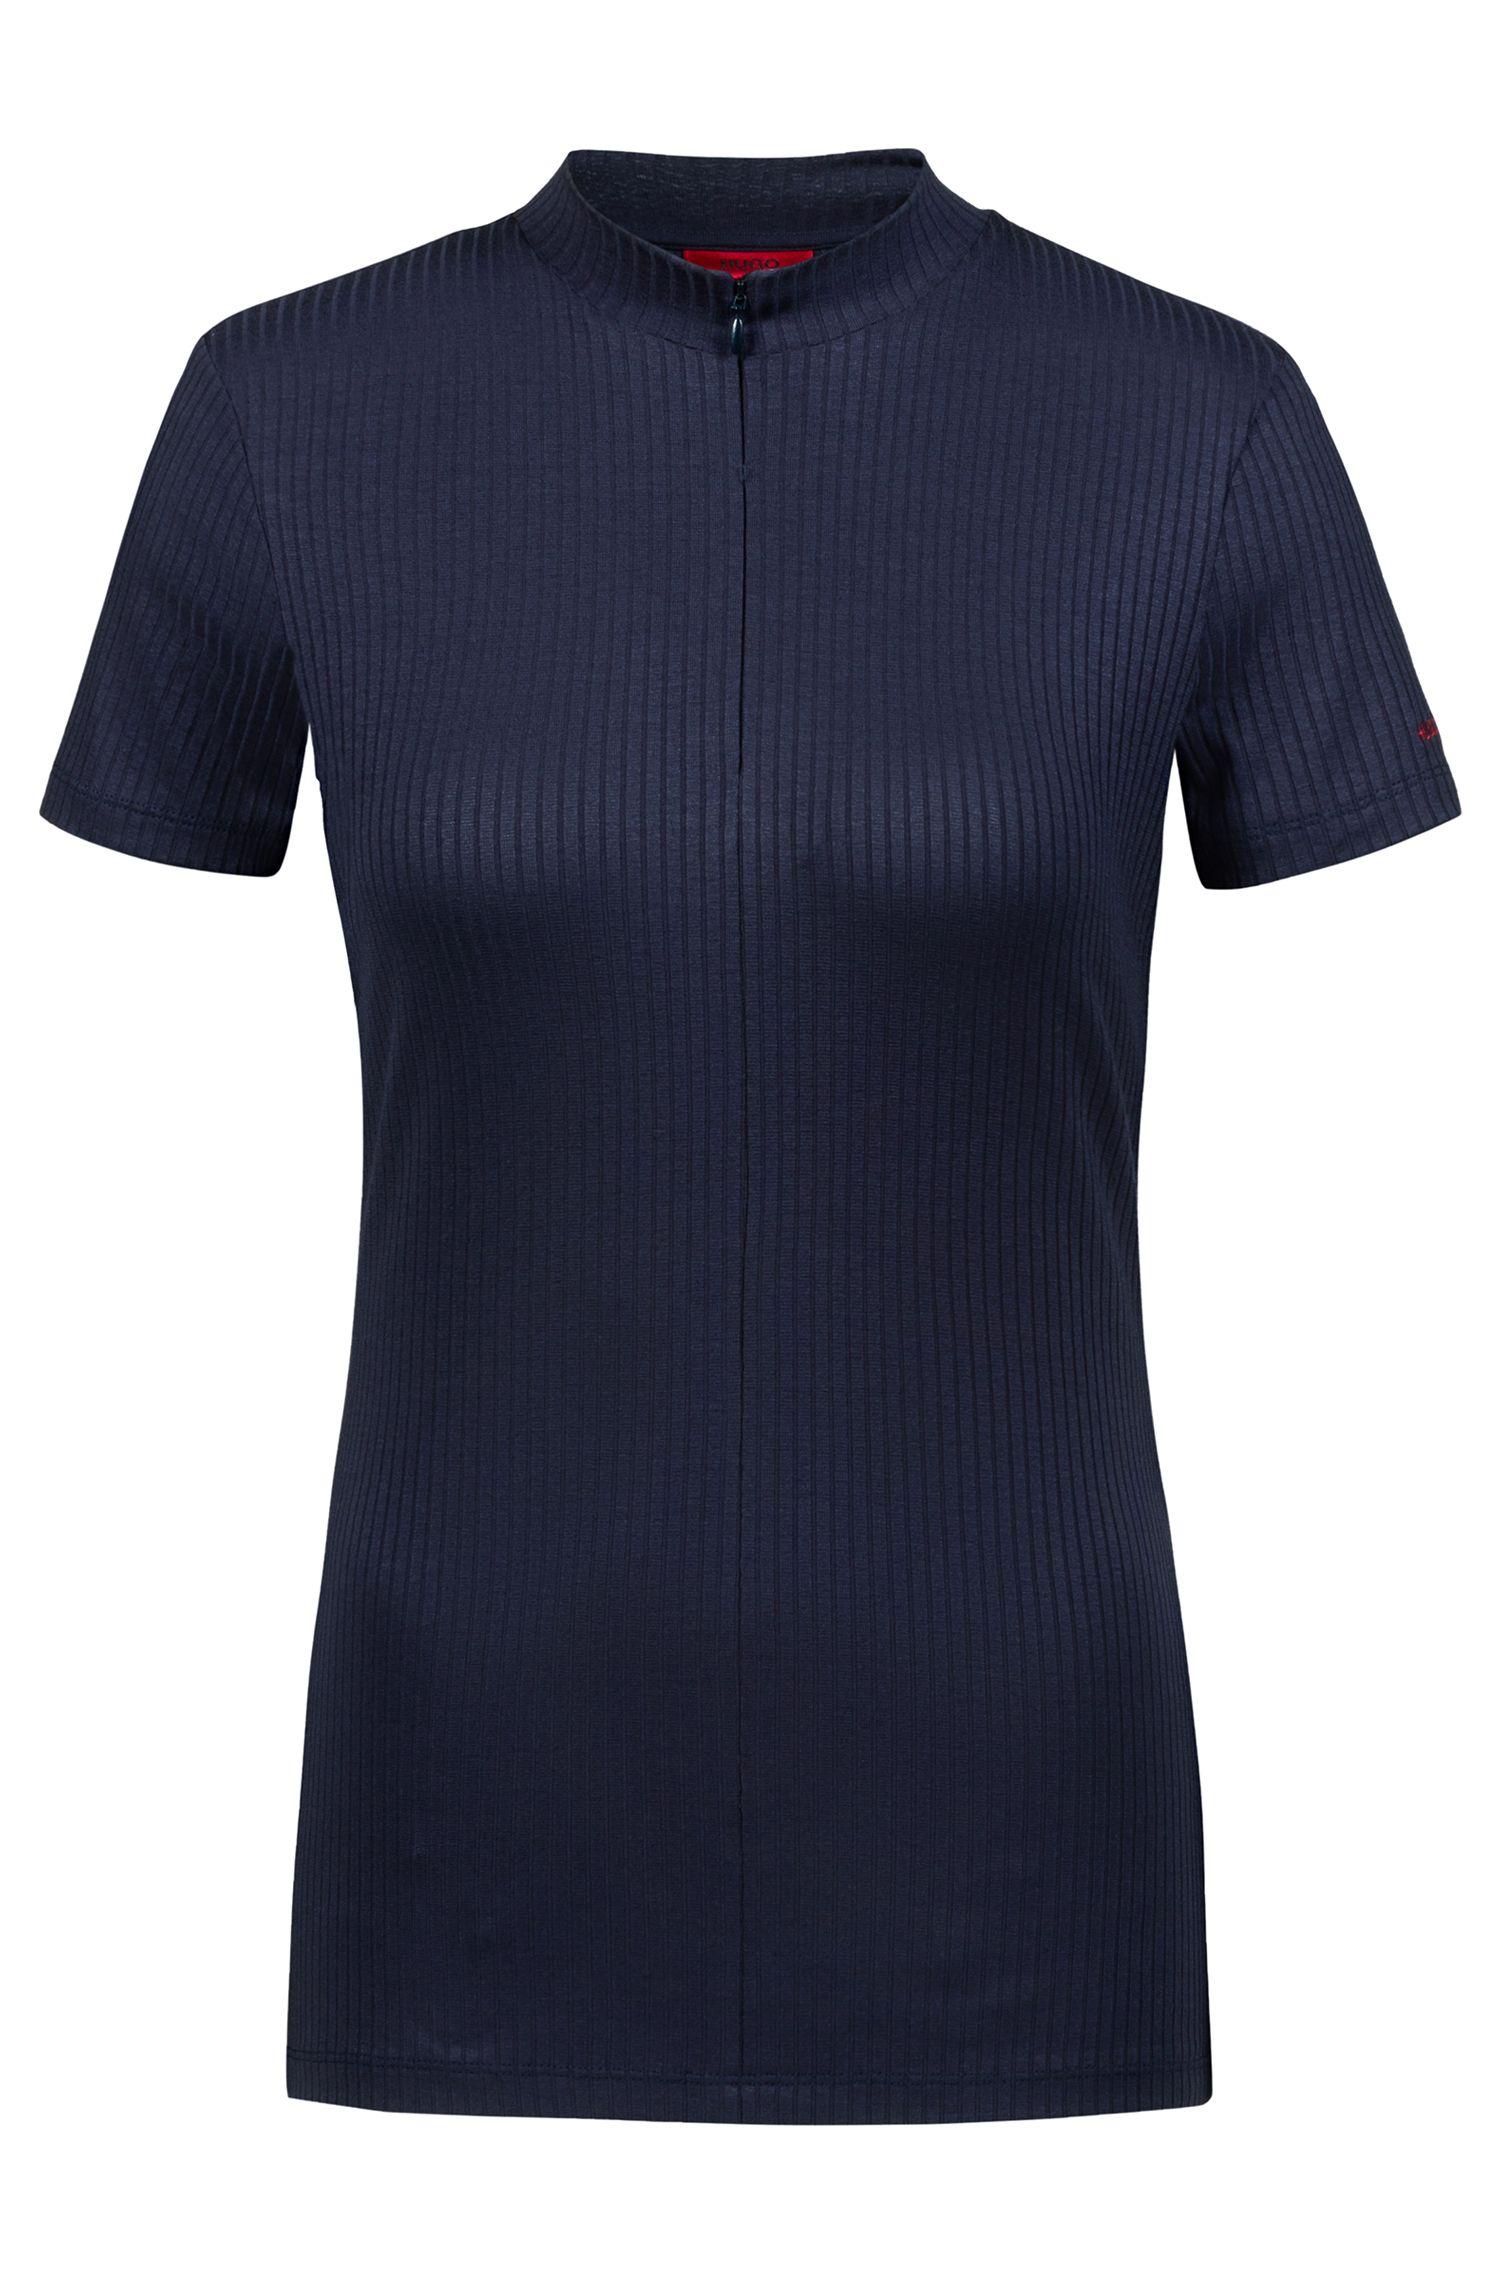 T-Shirt aus geripptem Jersey mit Troyerkragen, Dunkelblau